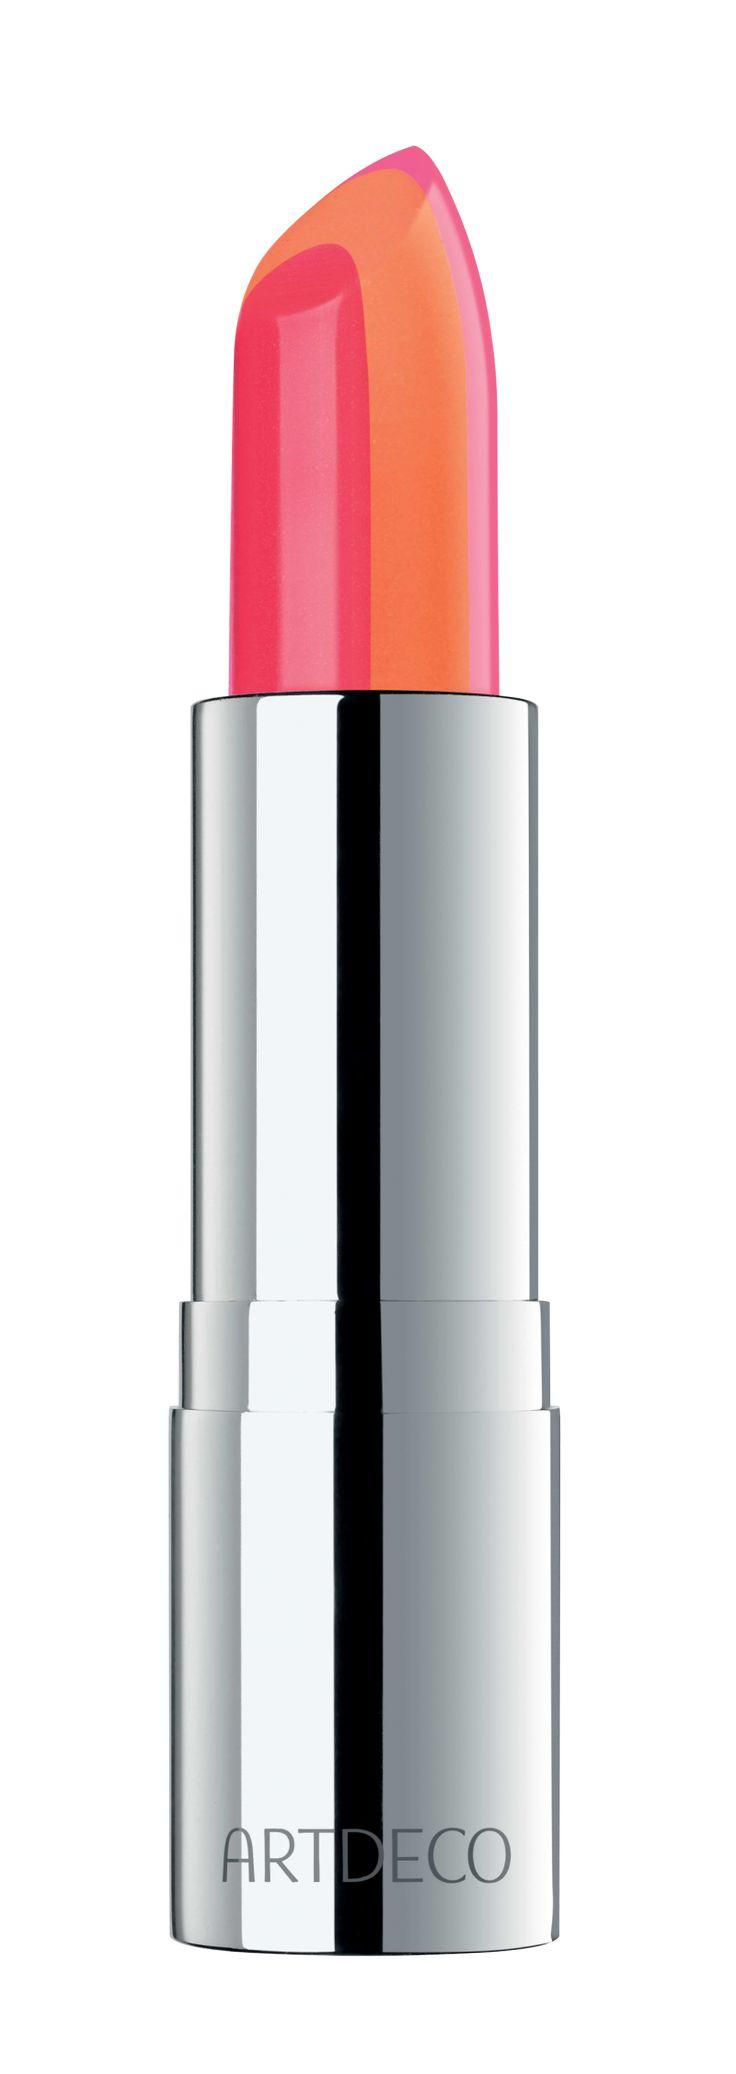 Artdeco Ombre Lipstick